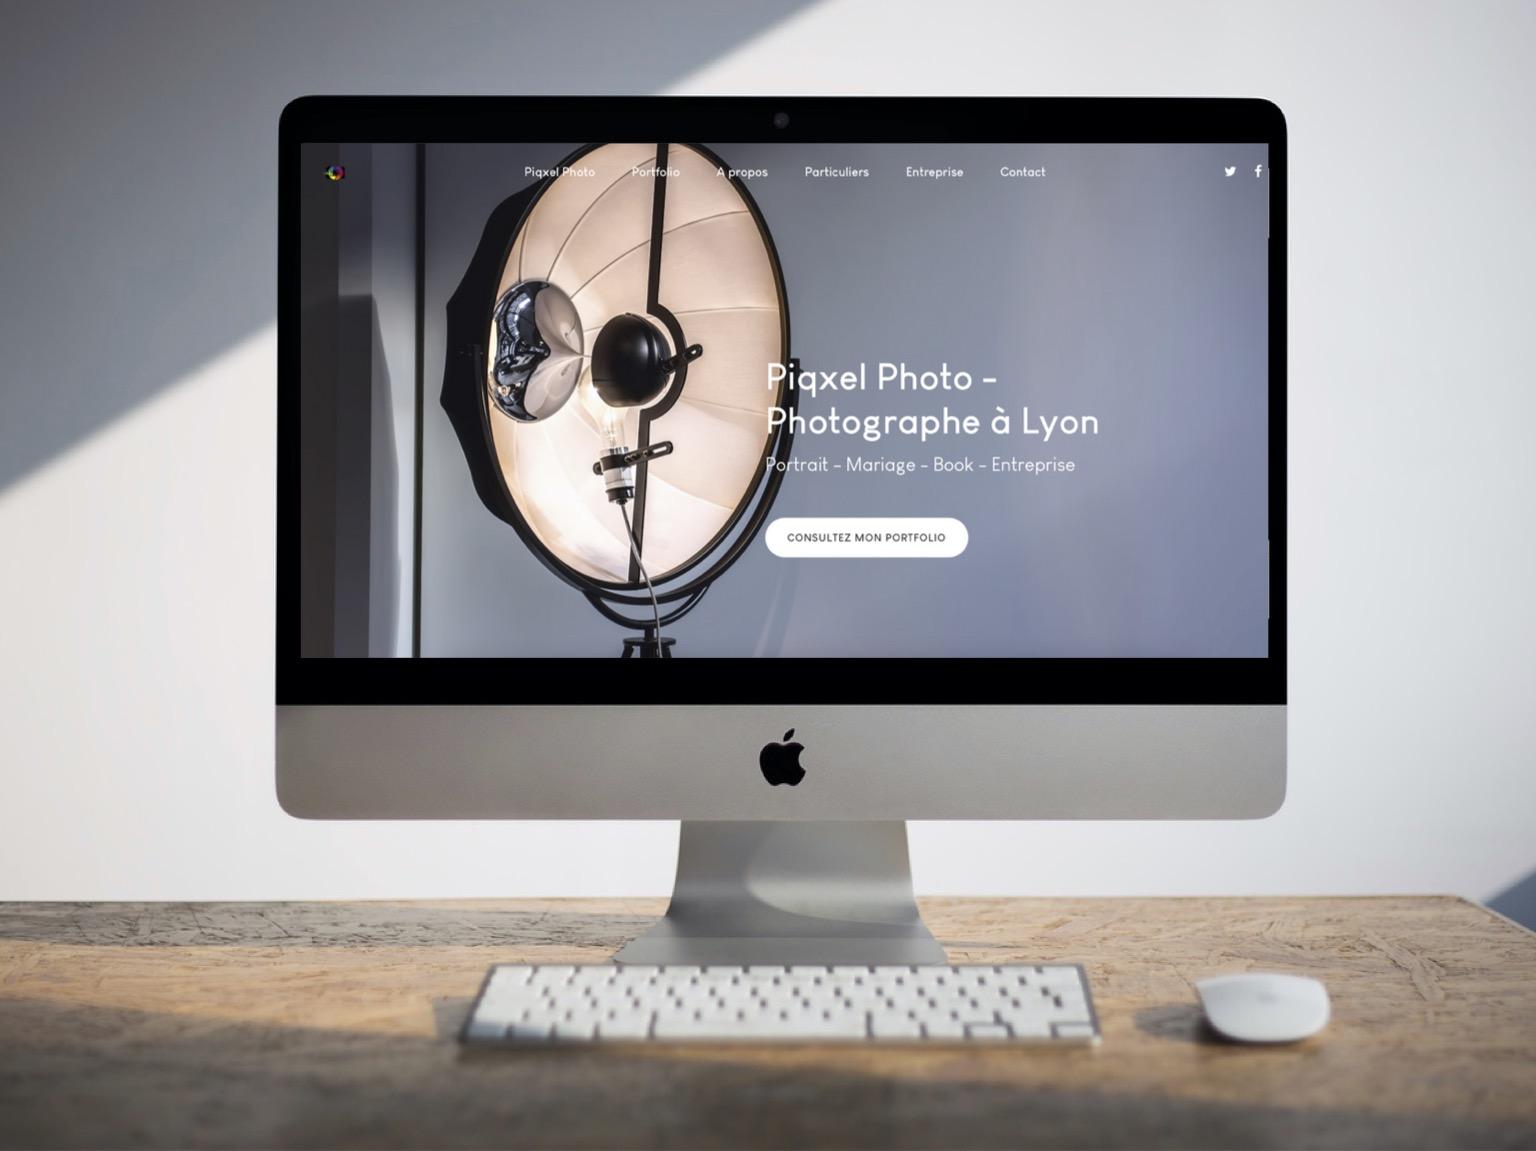 Piqxel Photo par Agence Darlow Paris I Agence site web & communication digitale I Paris / NYC / Dubaï